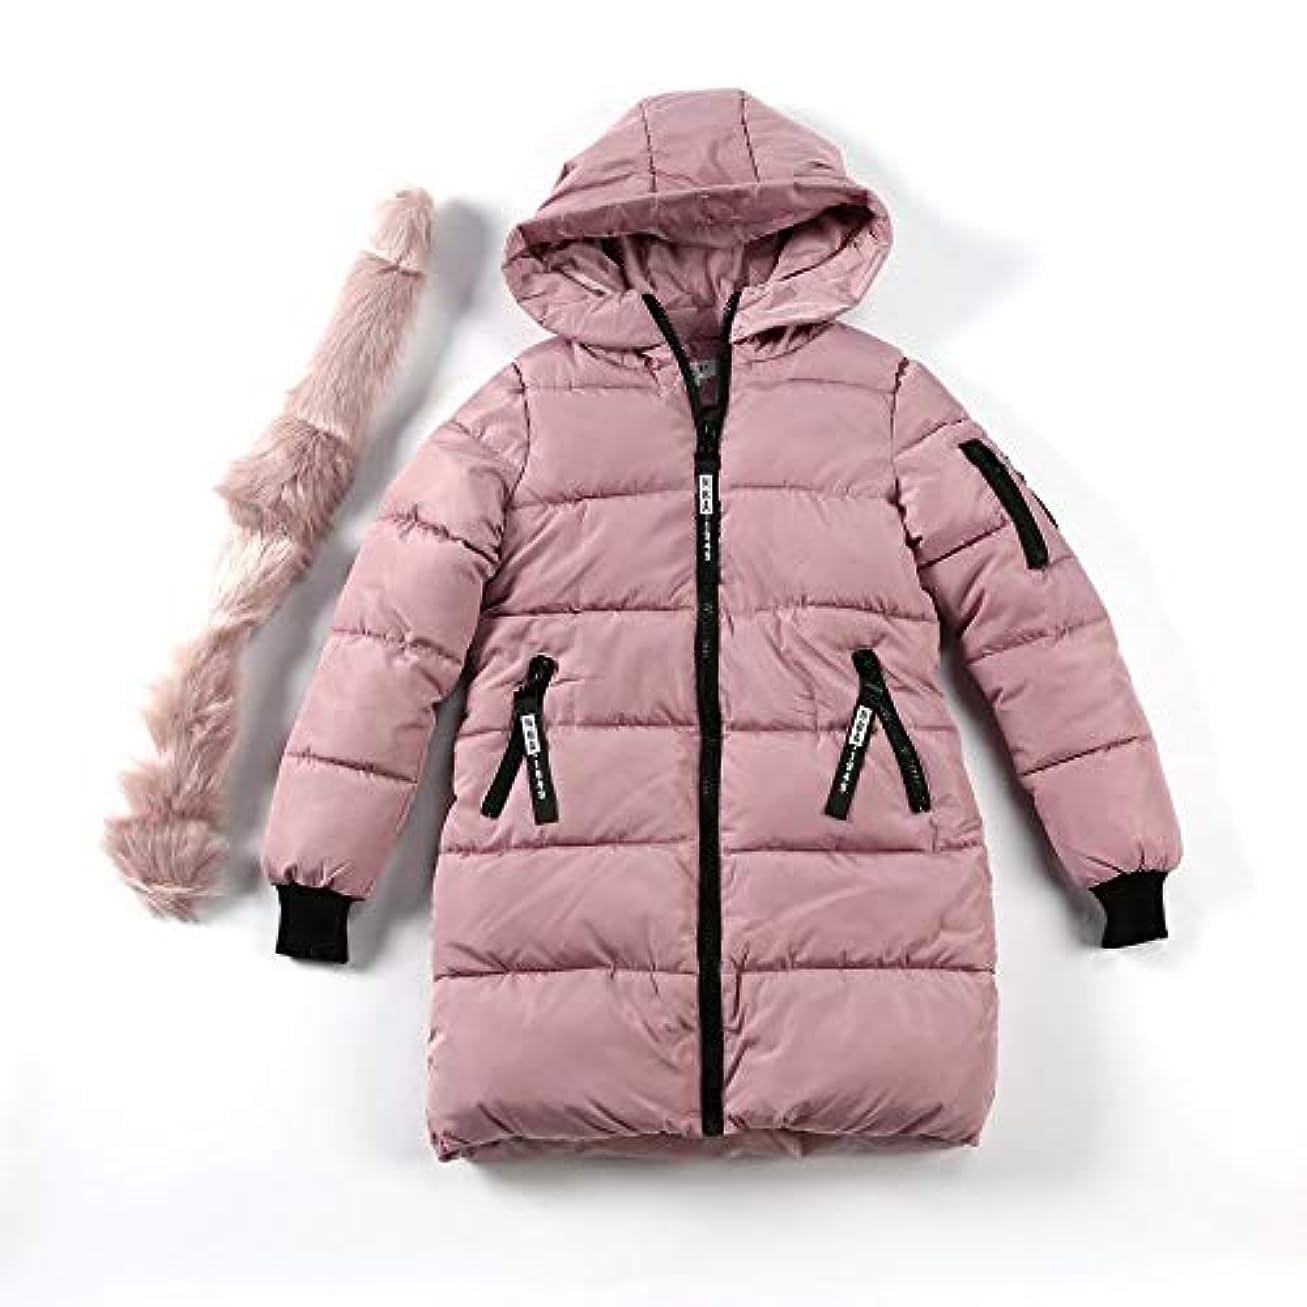 物理的なキャッシュ韓国スタイルの女性のコートファッションオールマッチフード付きダウンジャケット綿パッド入りの厚く暖かいコートミドルロング冬生き抜くコート-ライトピンクXl